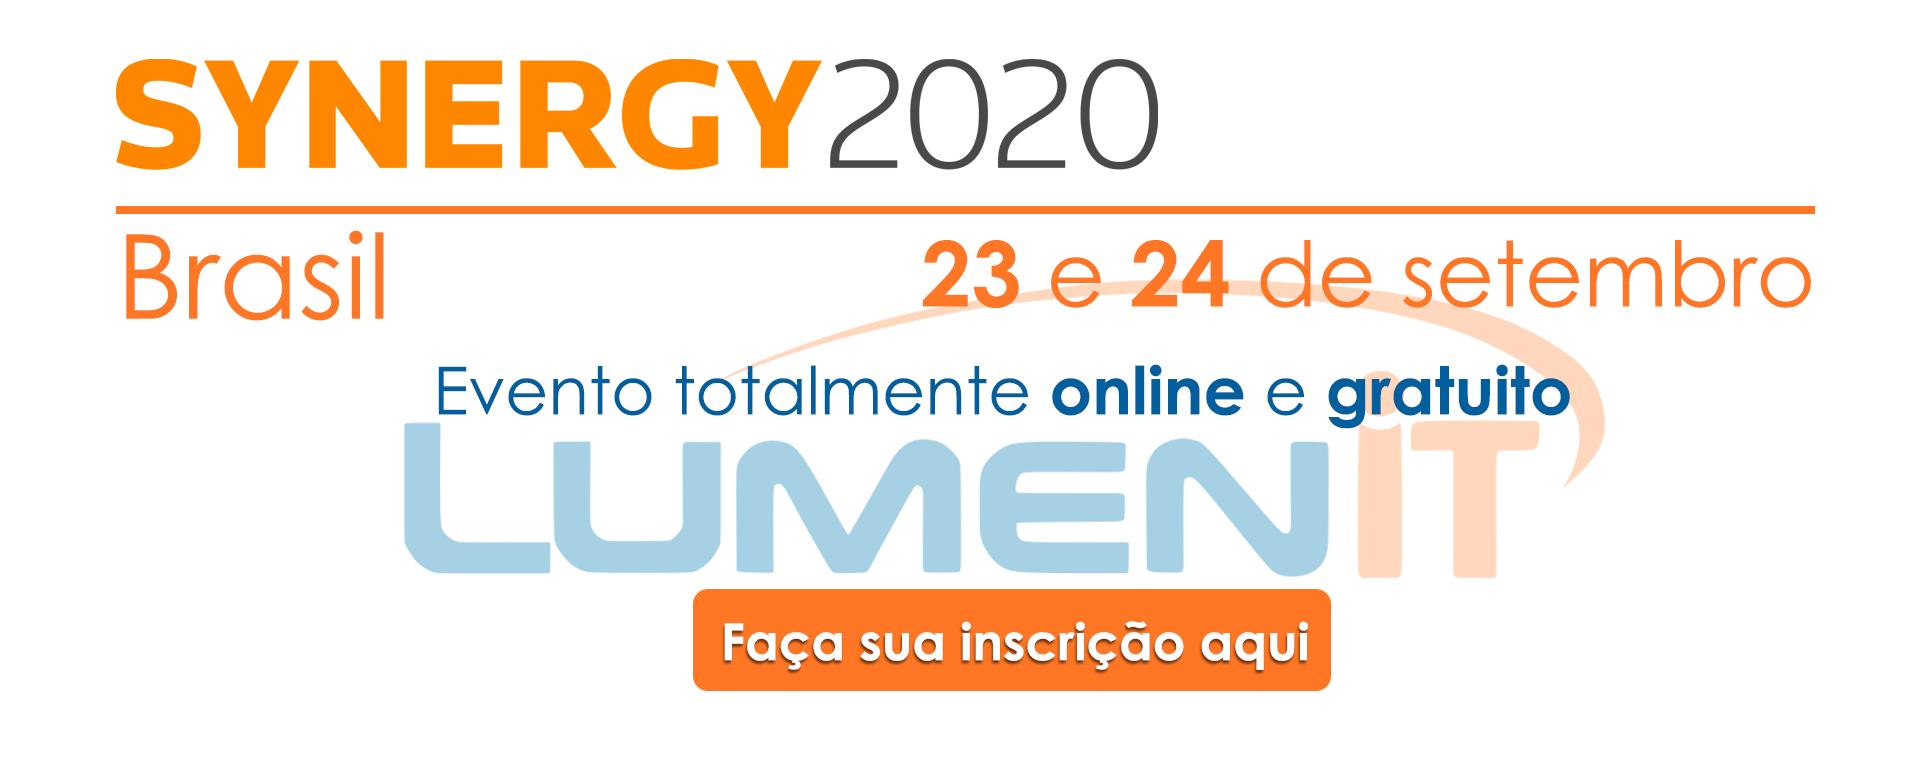 SYNERGY 2020